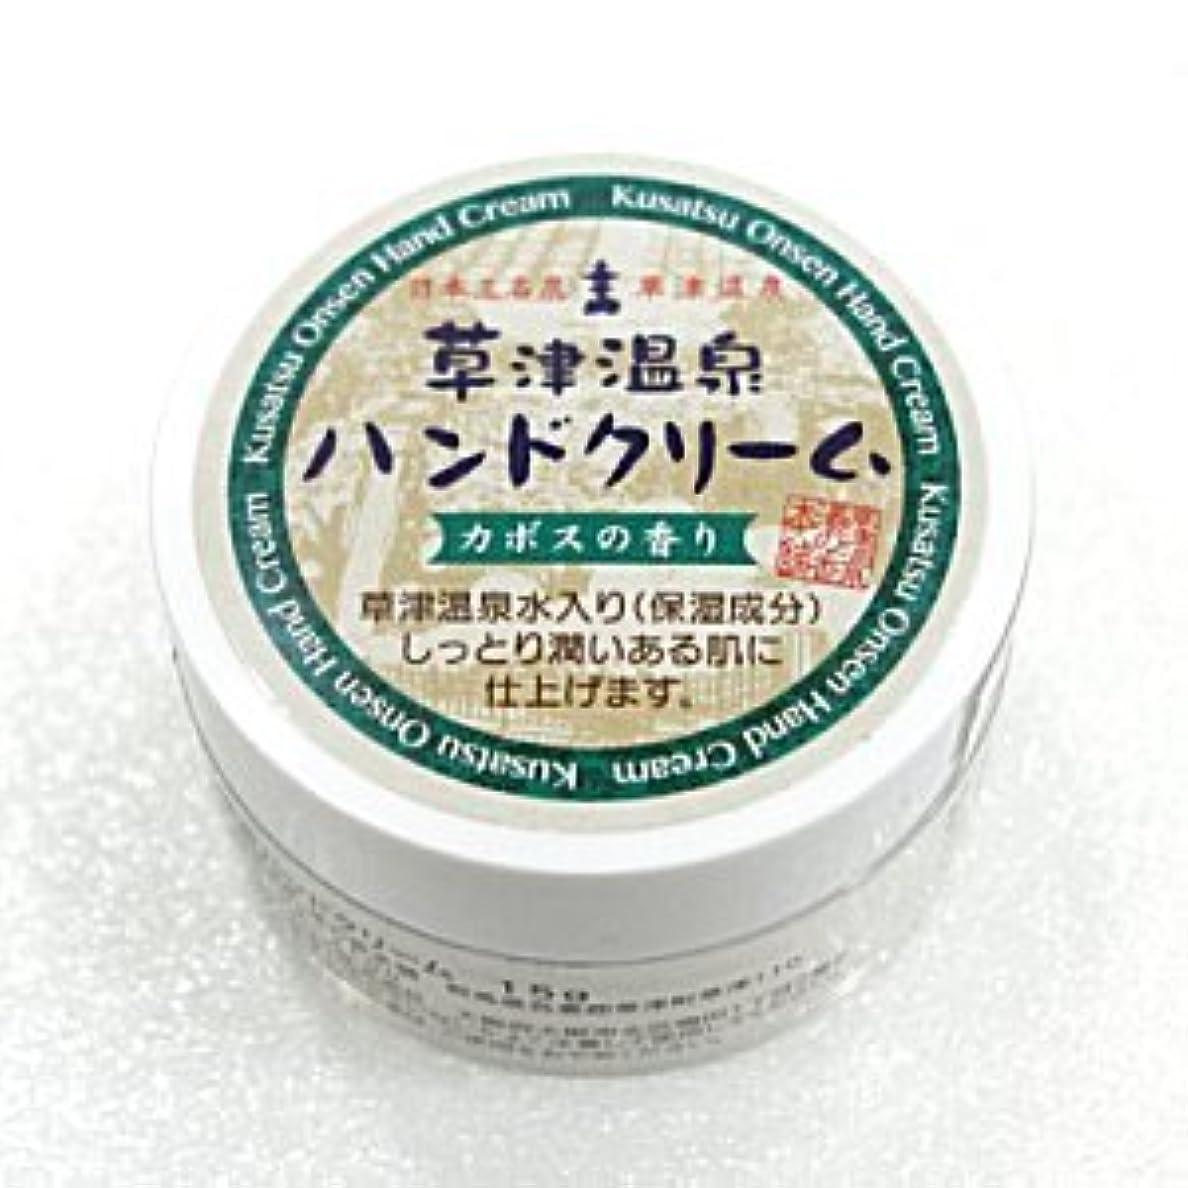 急速な起きて戸惑う草津温泉ハンドクリーム カボスの香り 15g